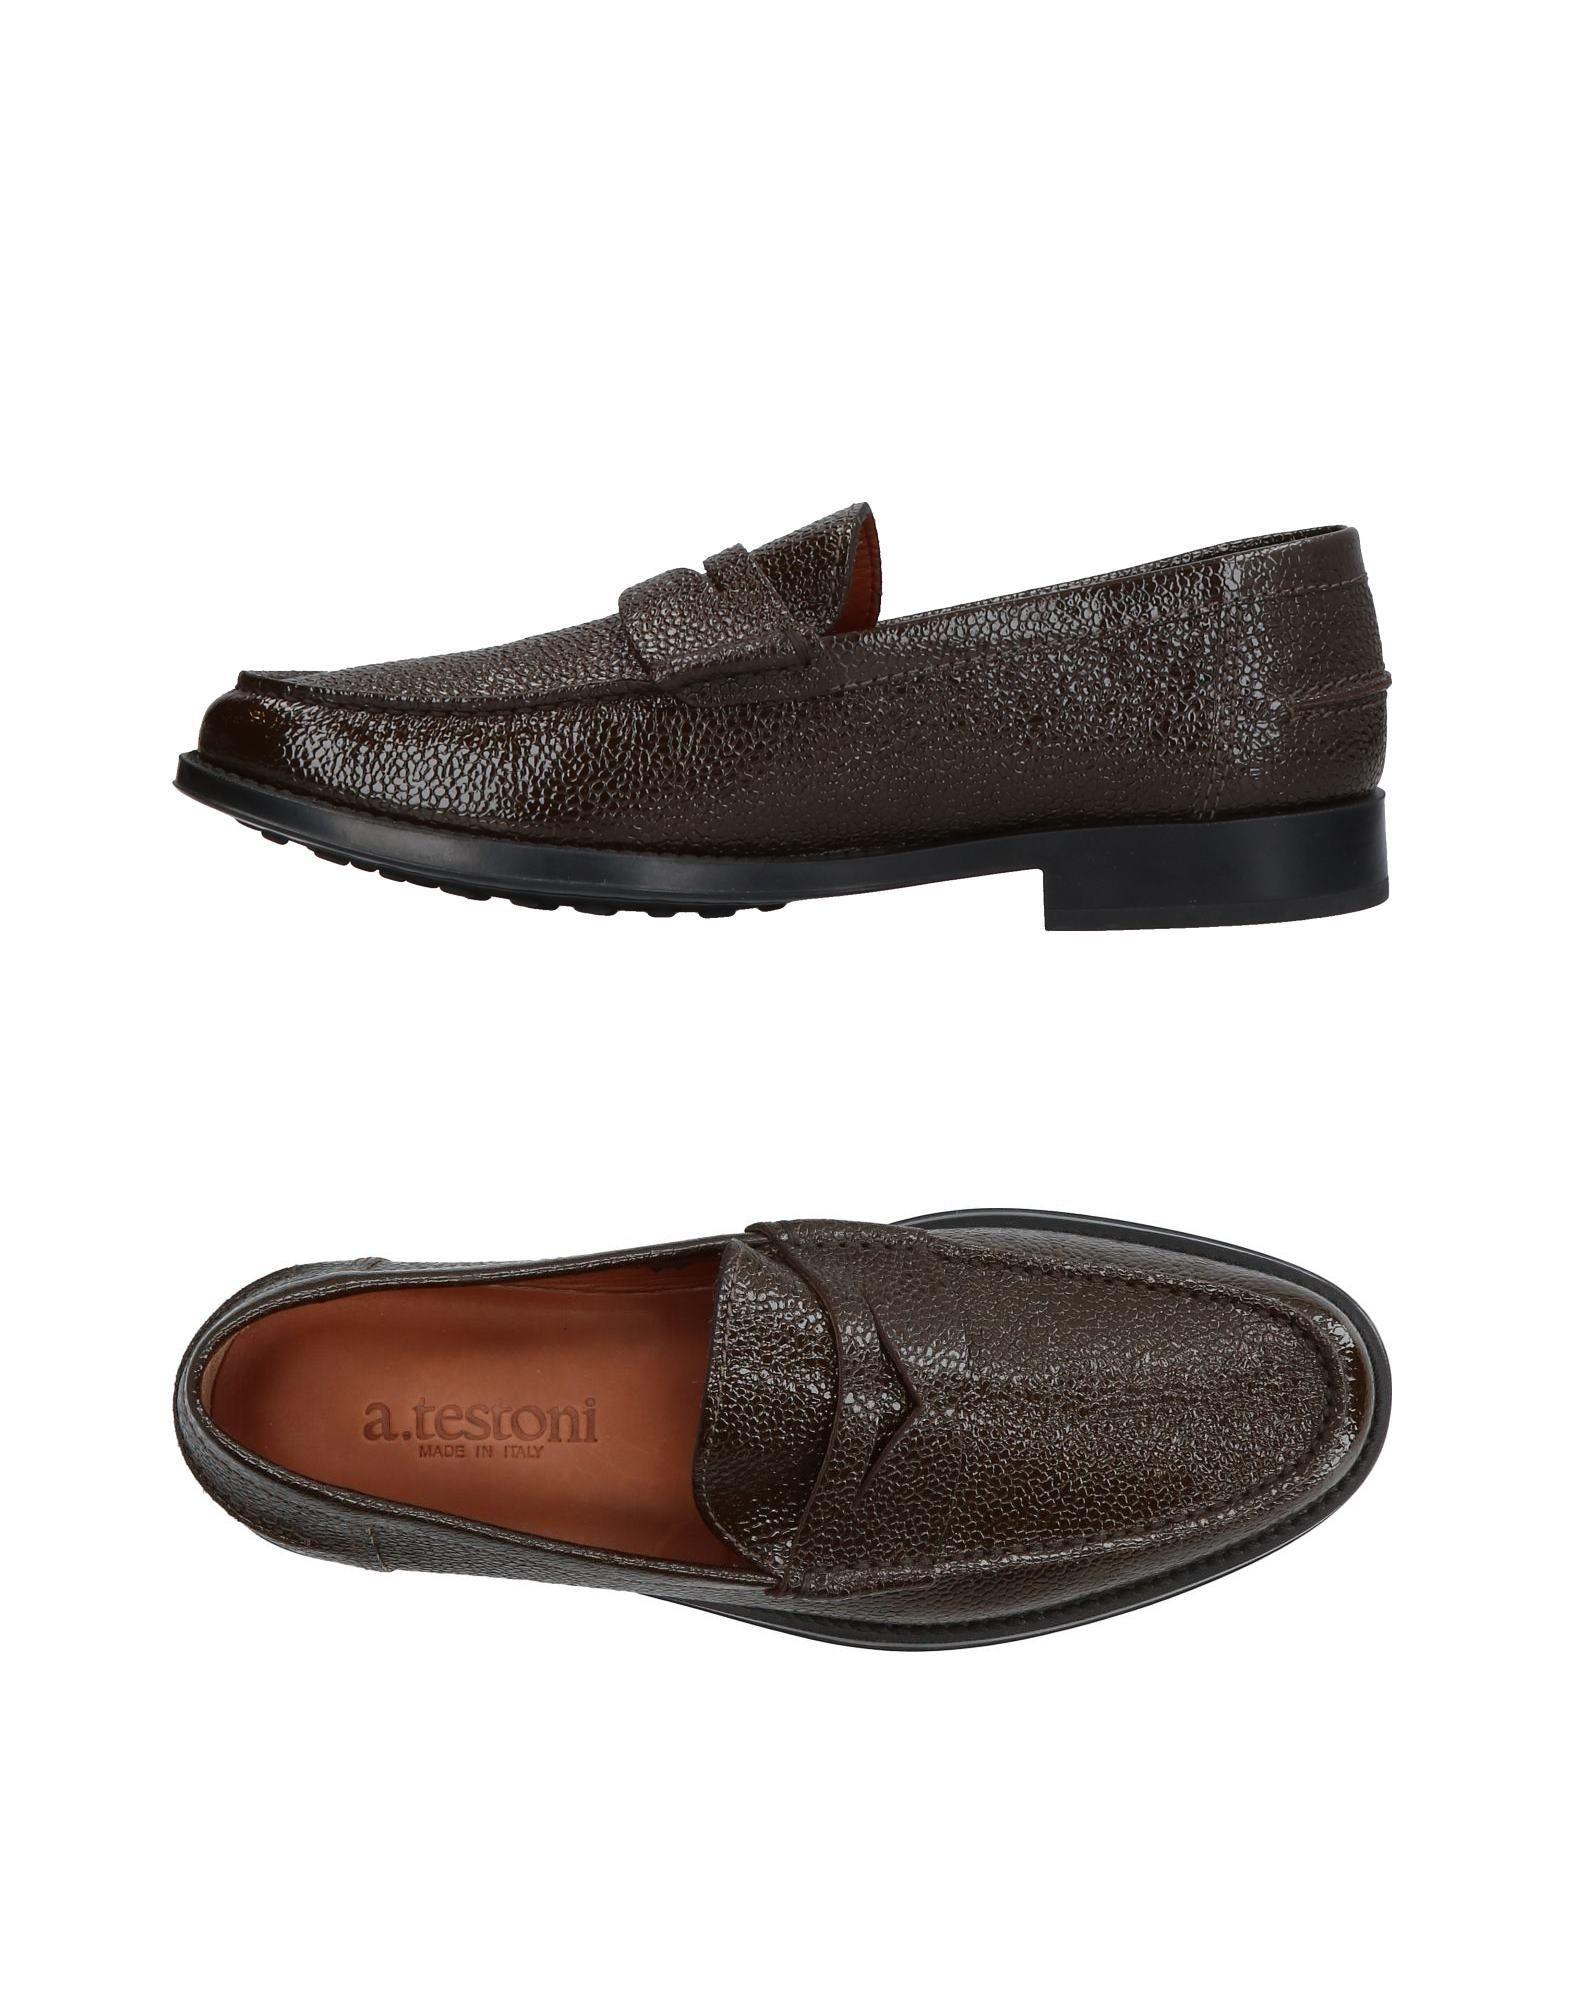 A.Testoni Mokassins Herren  11352383PW Gute Qualität beliebte Schuhe